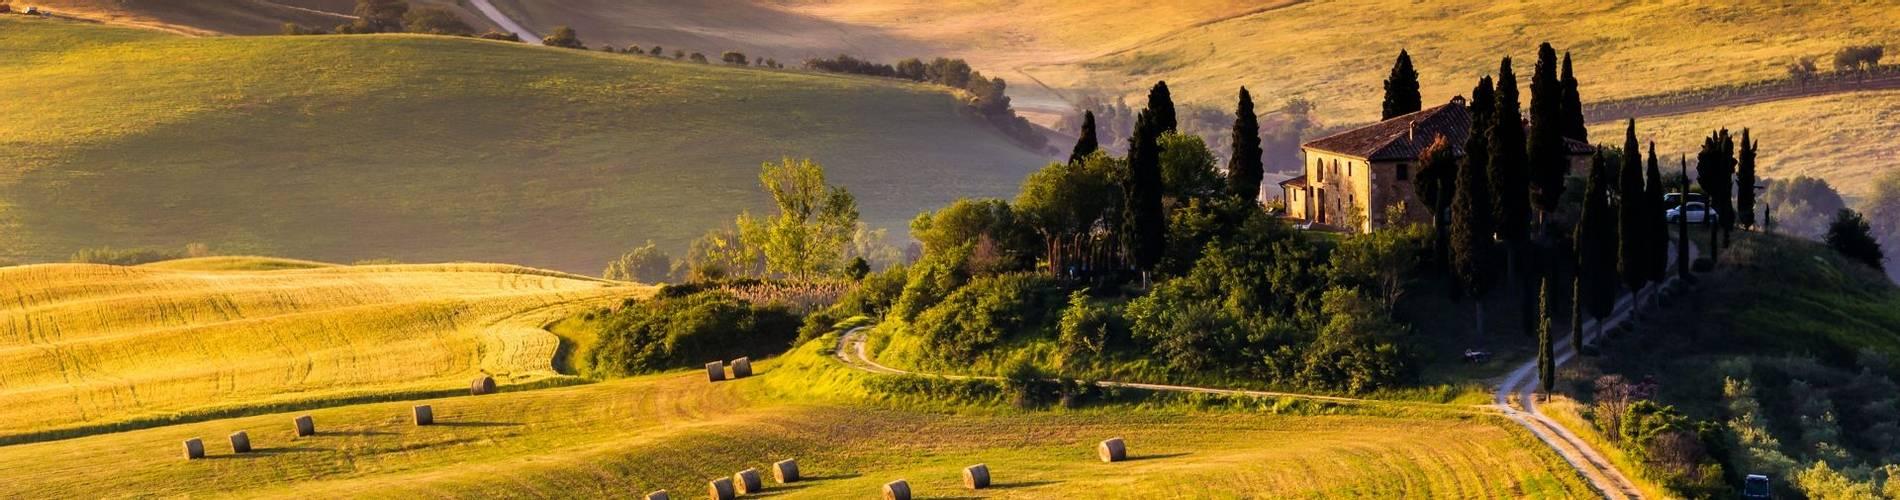 Tuscany landscape.jpg